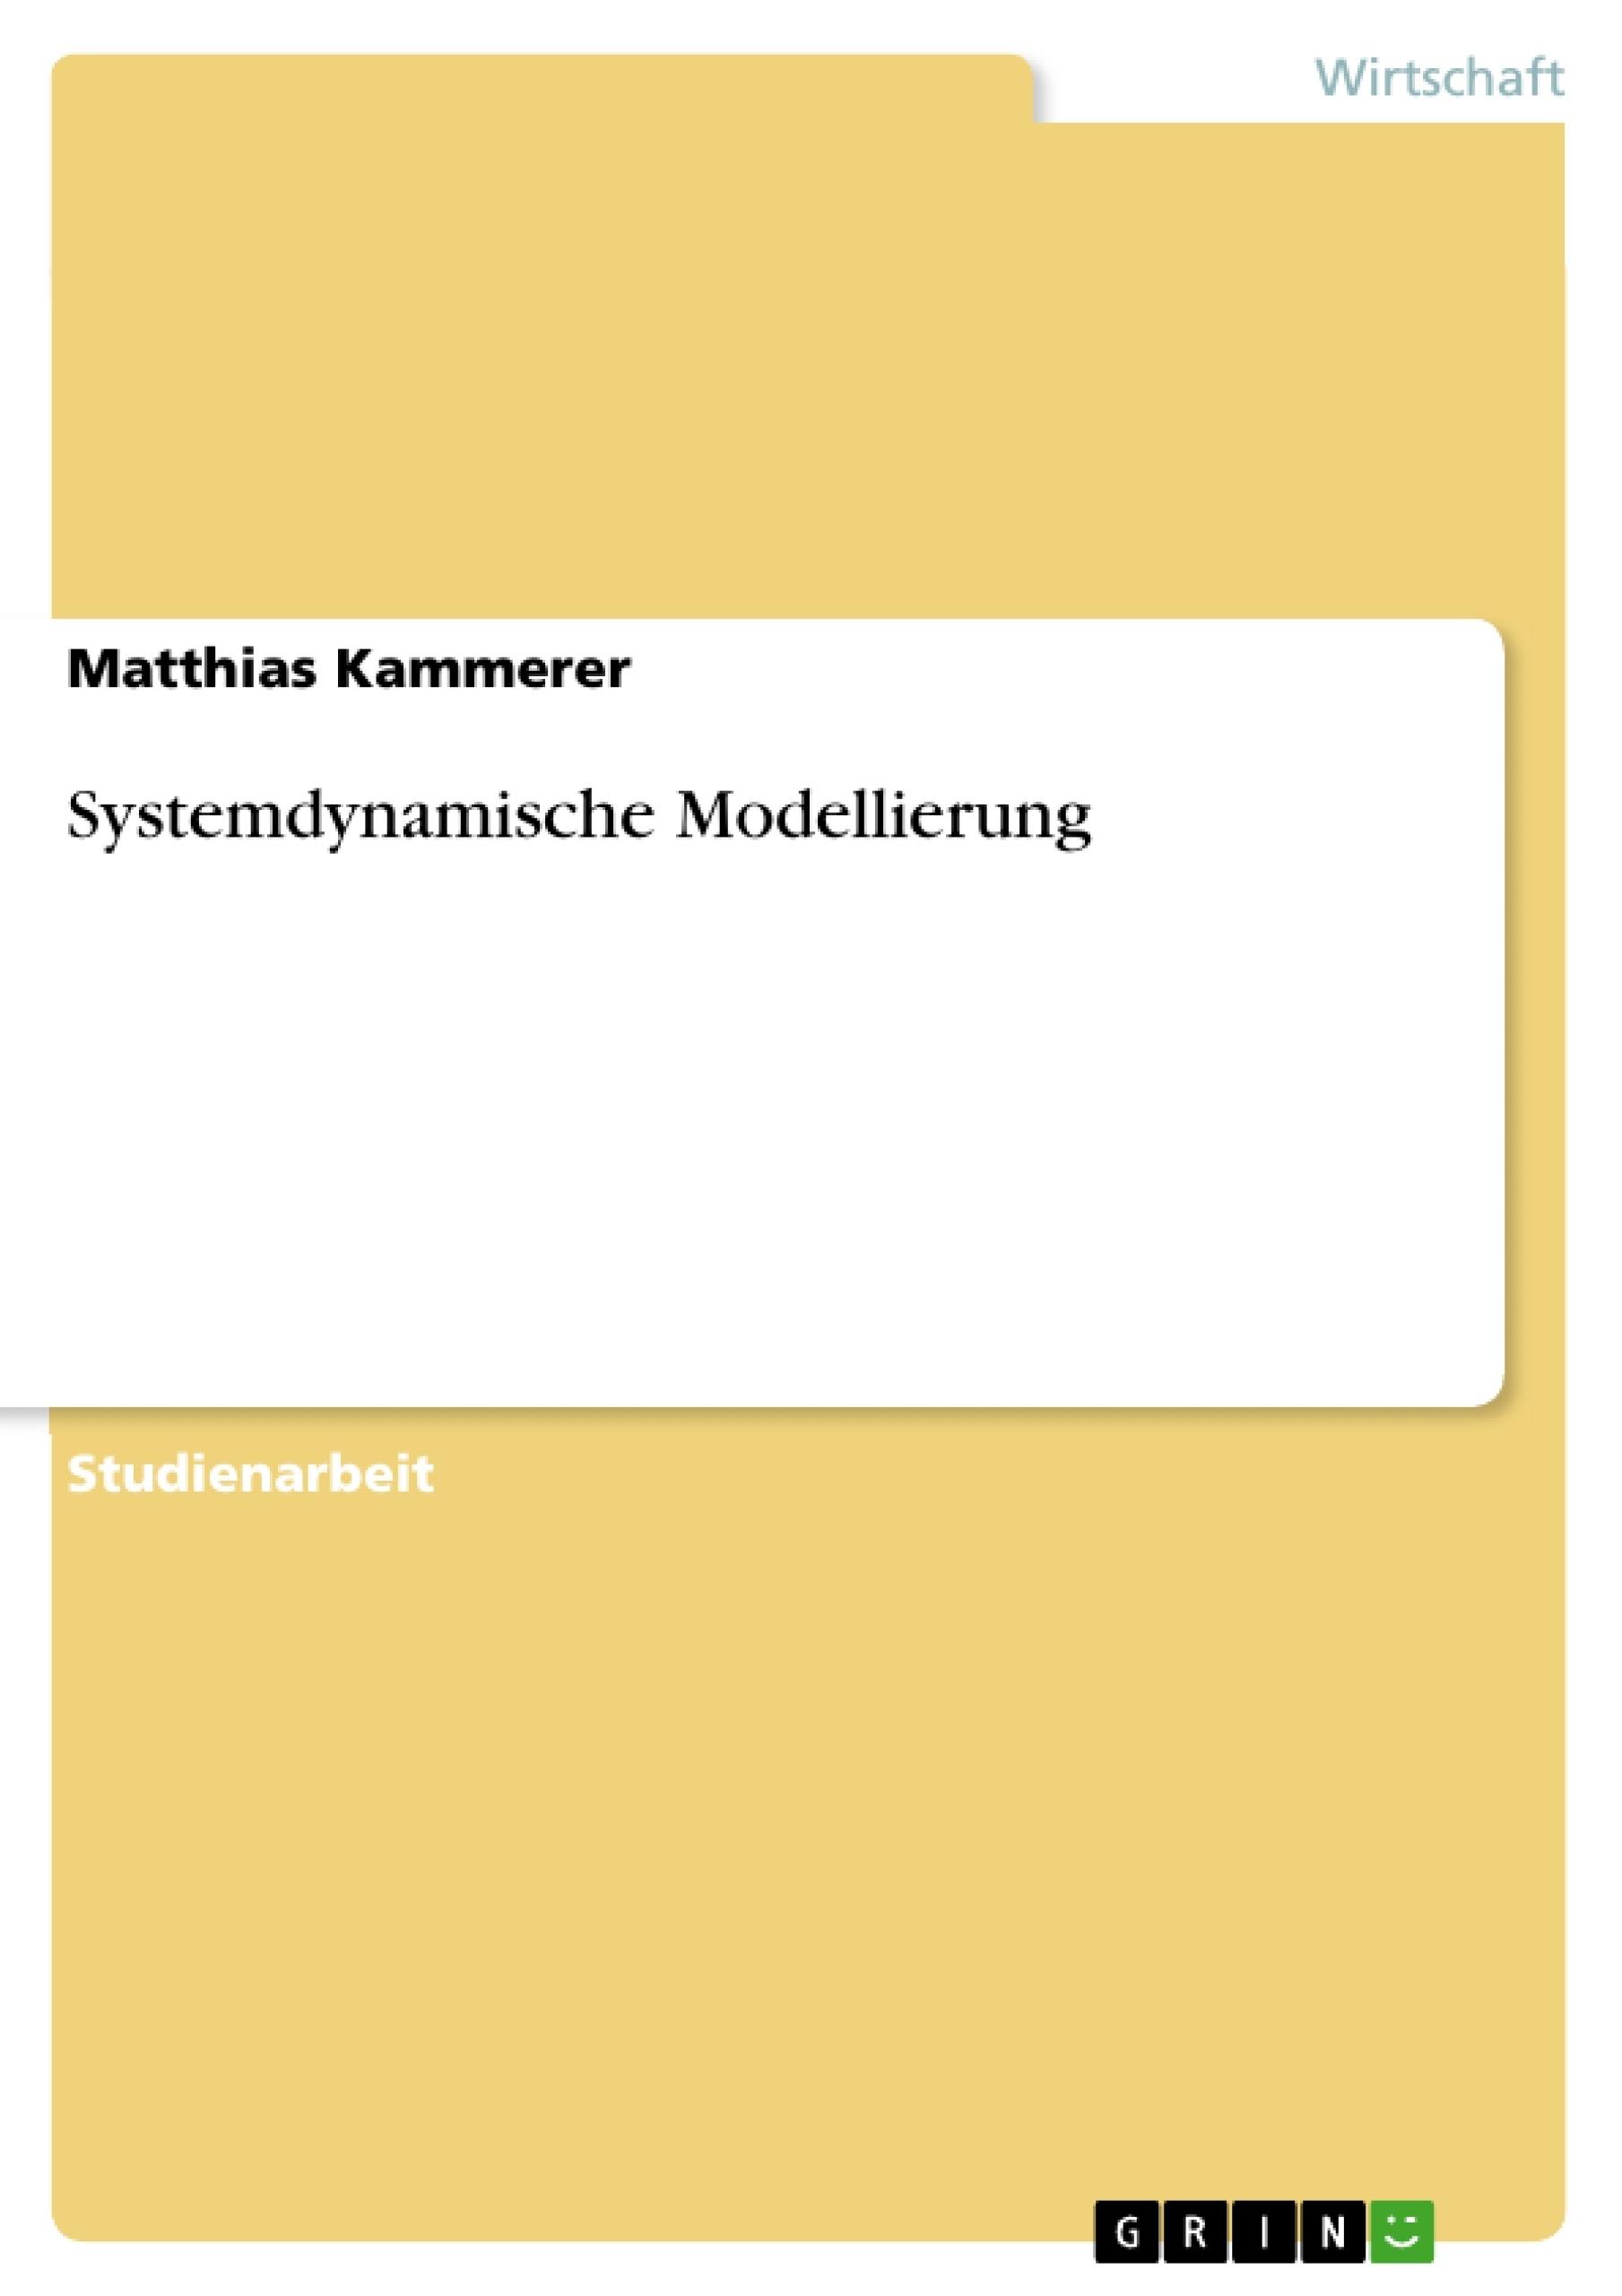 Titel: Systemdynamische Modellierung